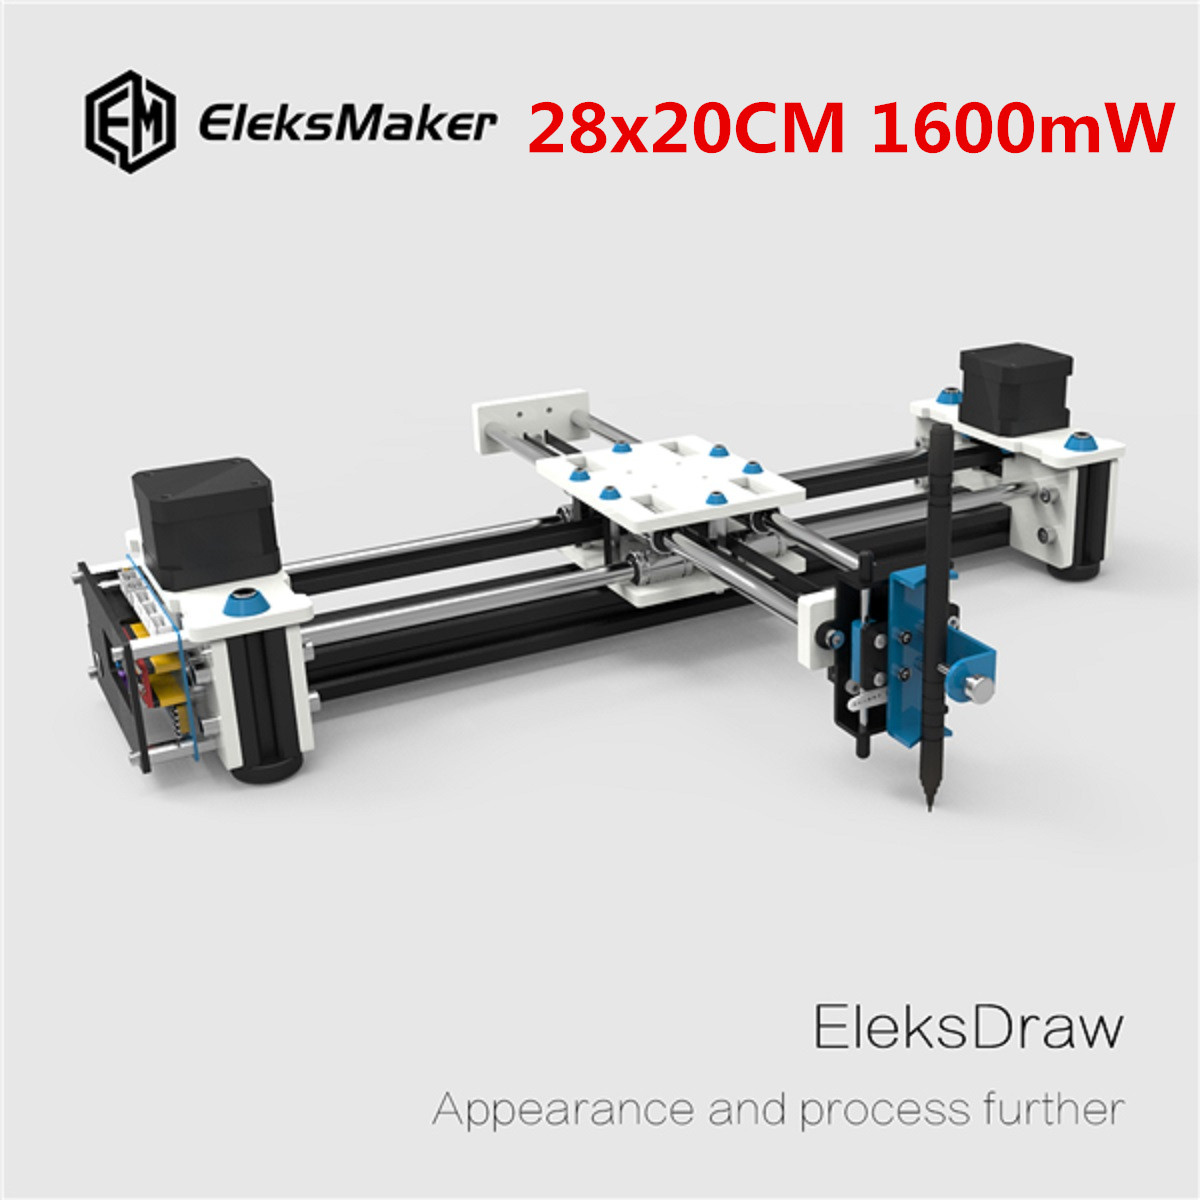 EleksMaker EleksDraw 1600mW Mini XY 2 Axis CNC DIY font b Laser b font Drawing Machine